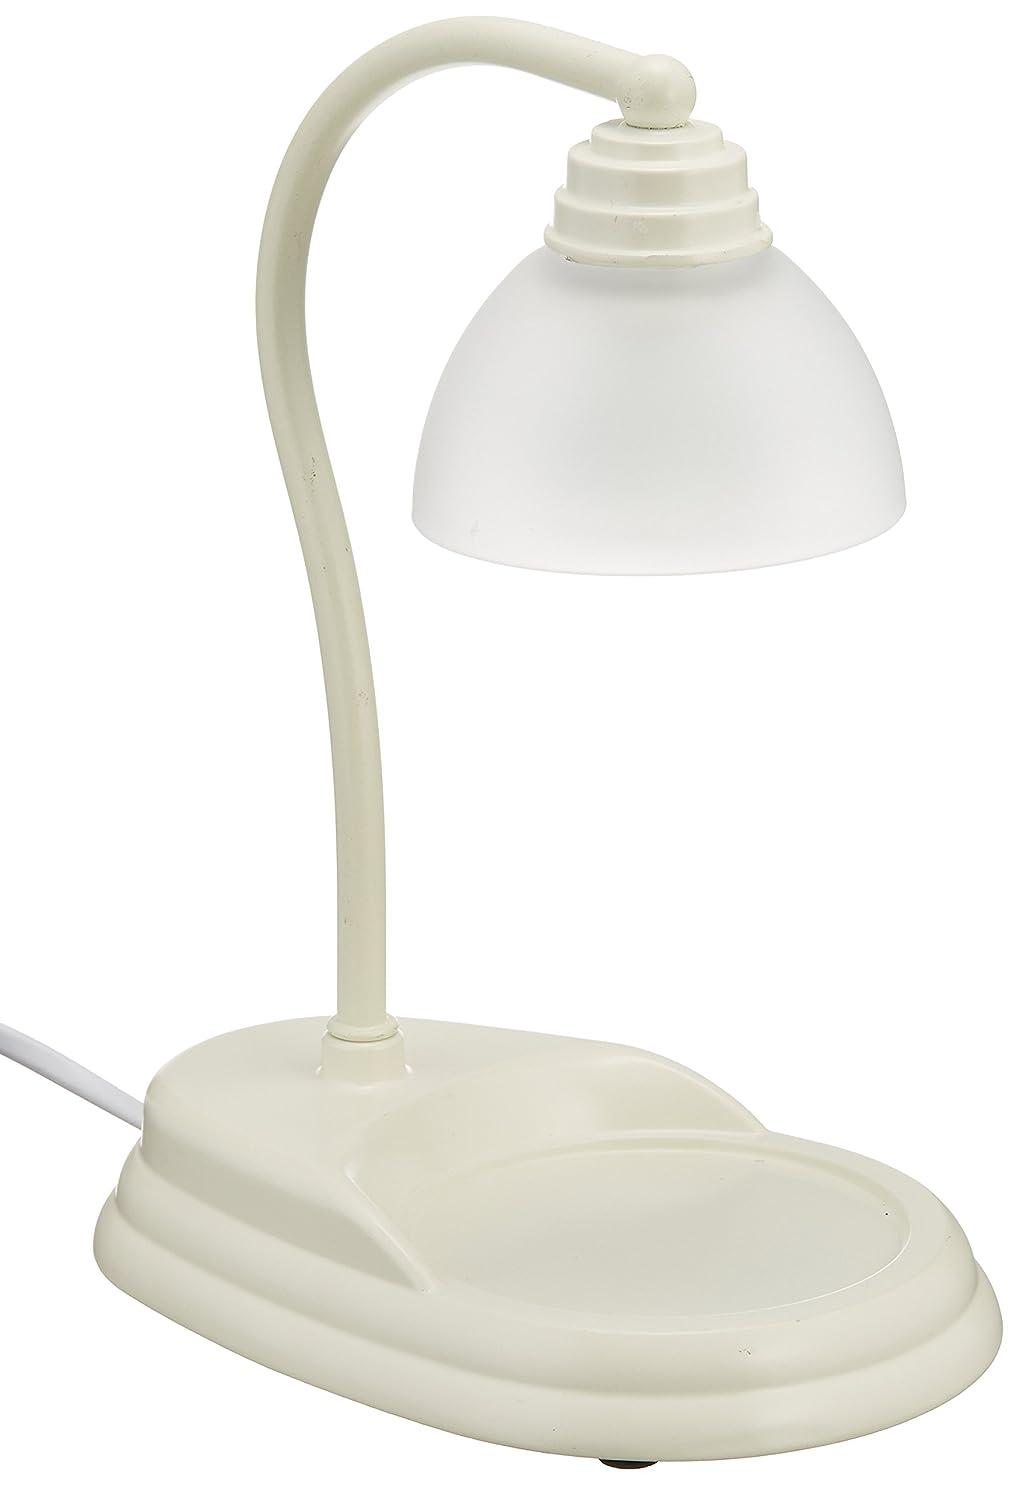 インシデント次リップ電球の熱でキャンドルを溶かして香りを楽しむ電気スタンド キャンドルウォーマーランプ (ホワイト)